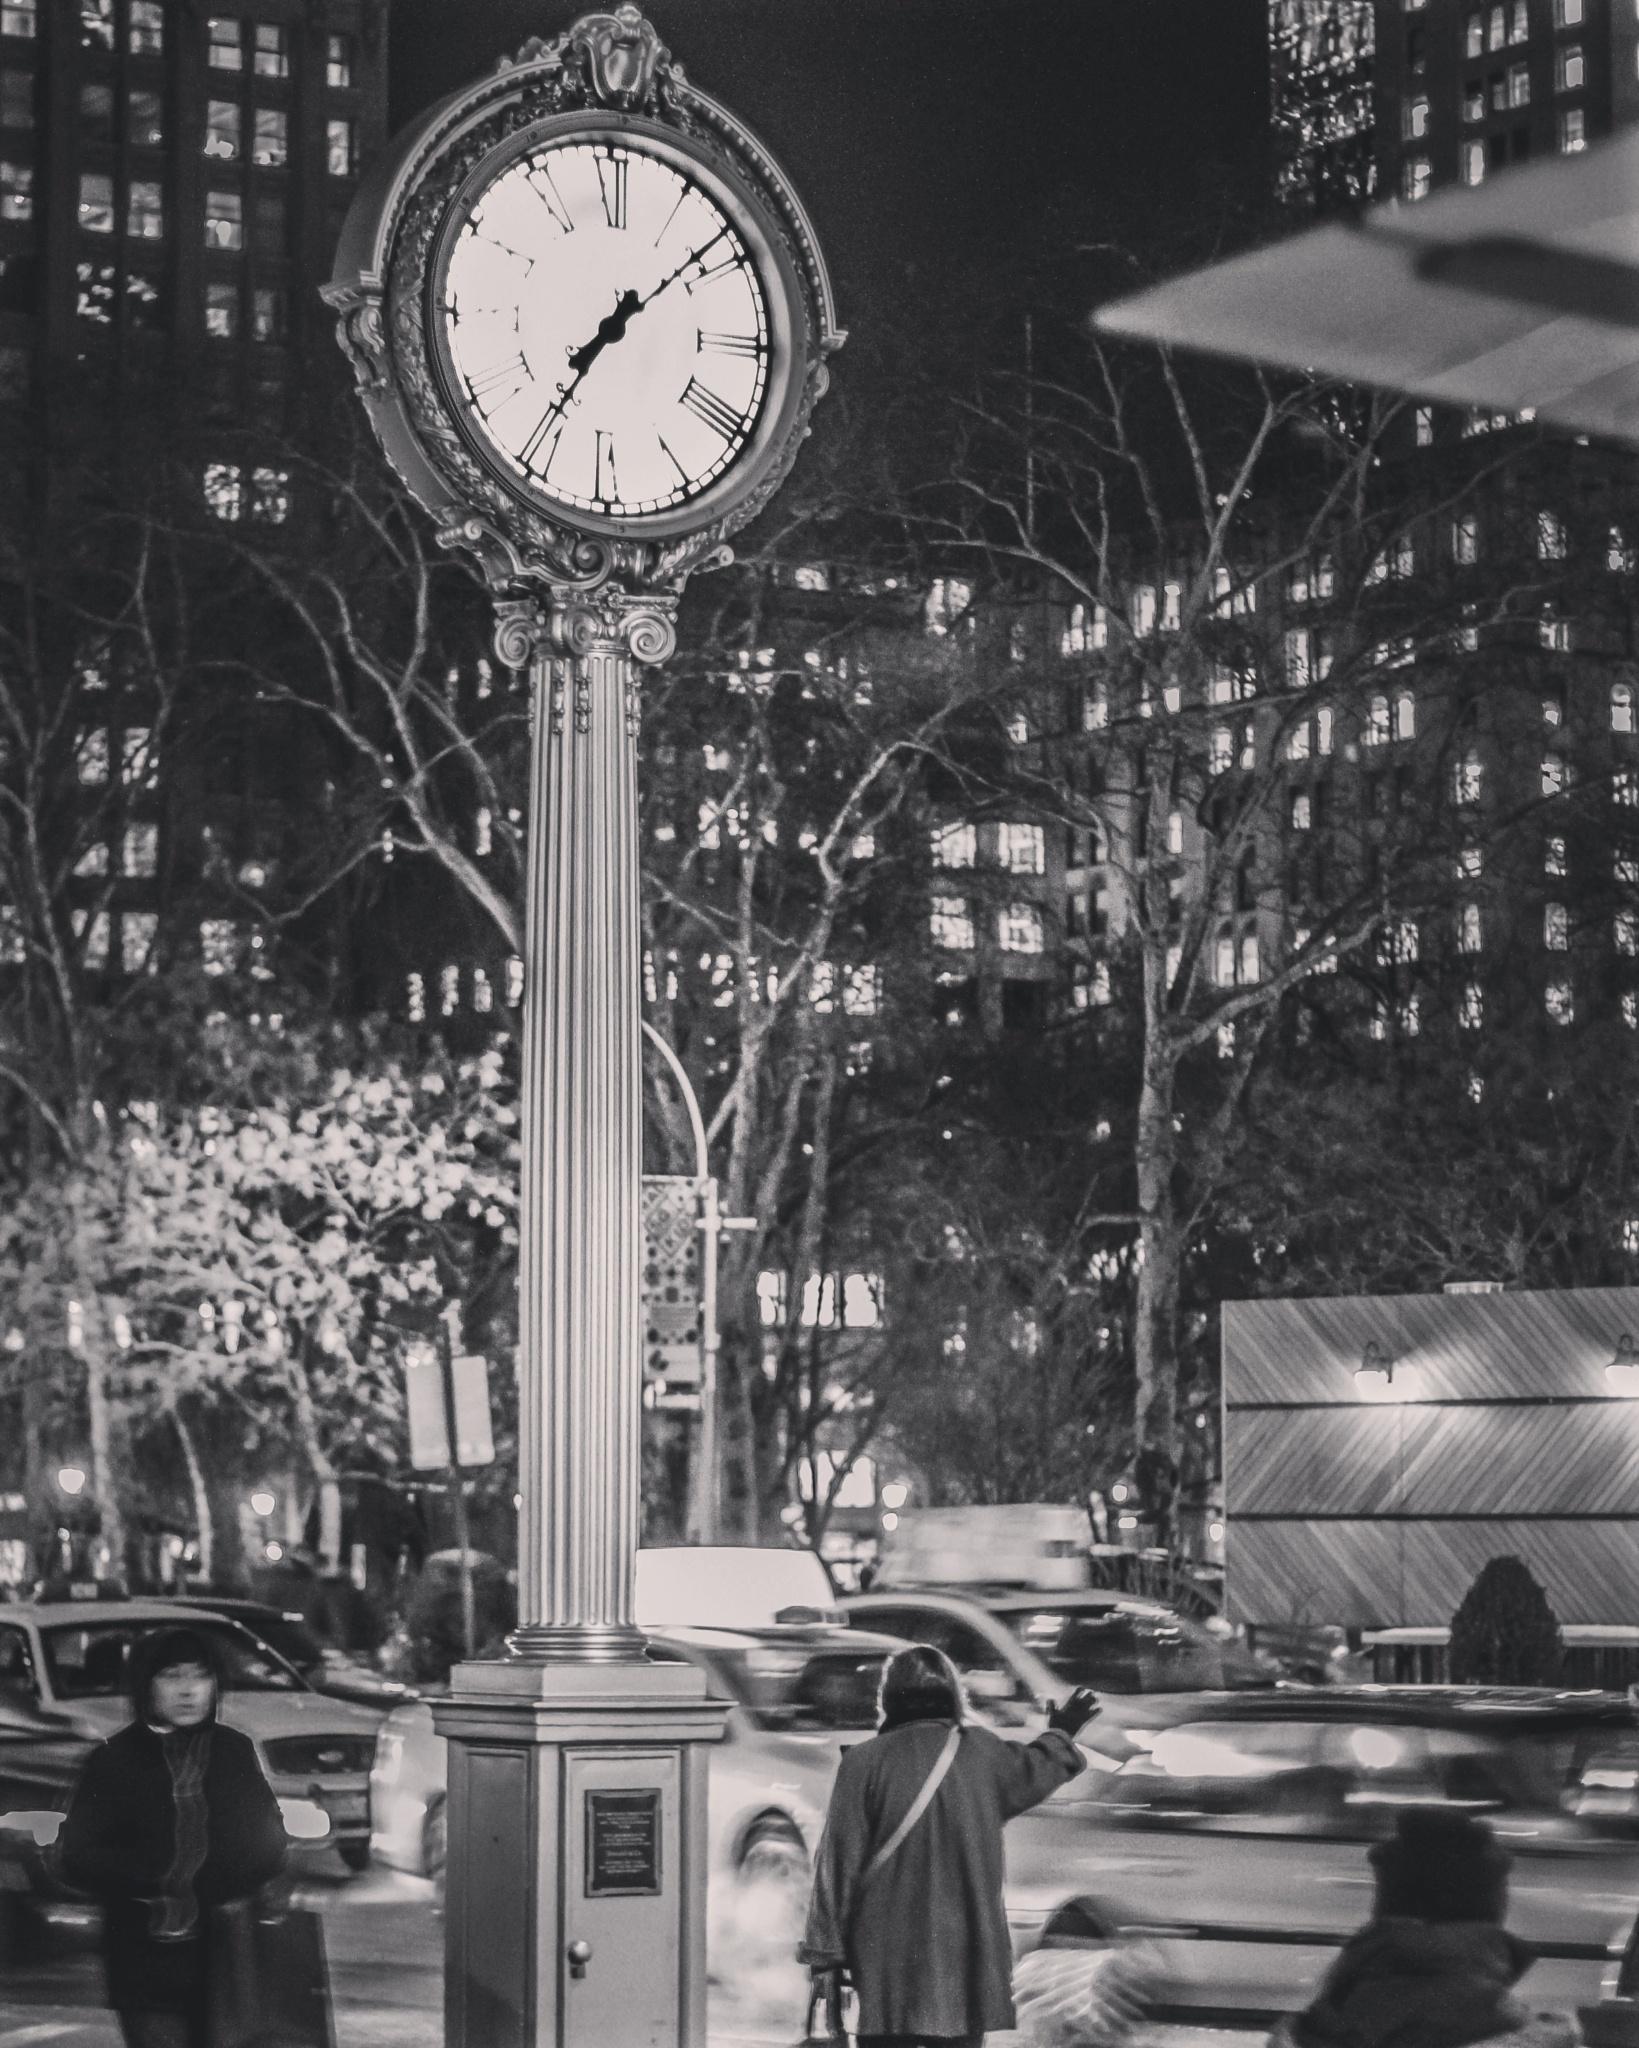 Faith | Time by paztoya